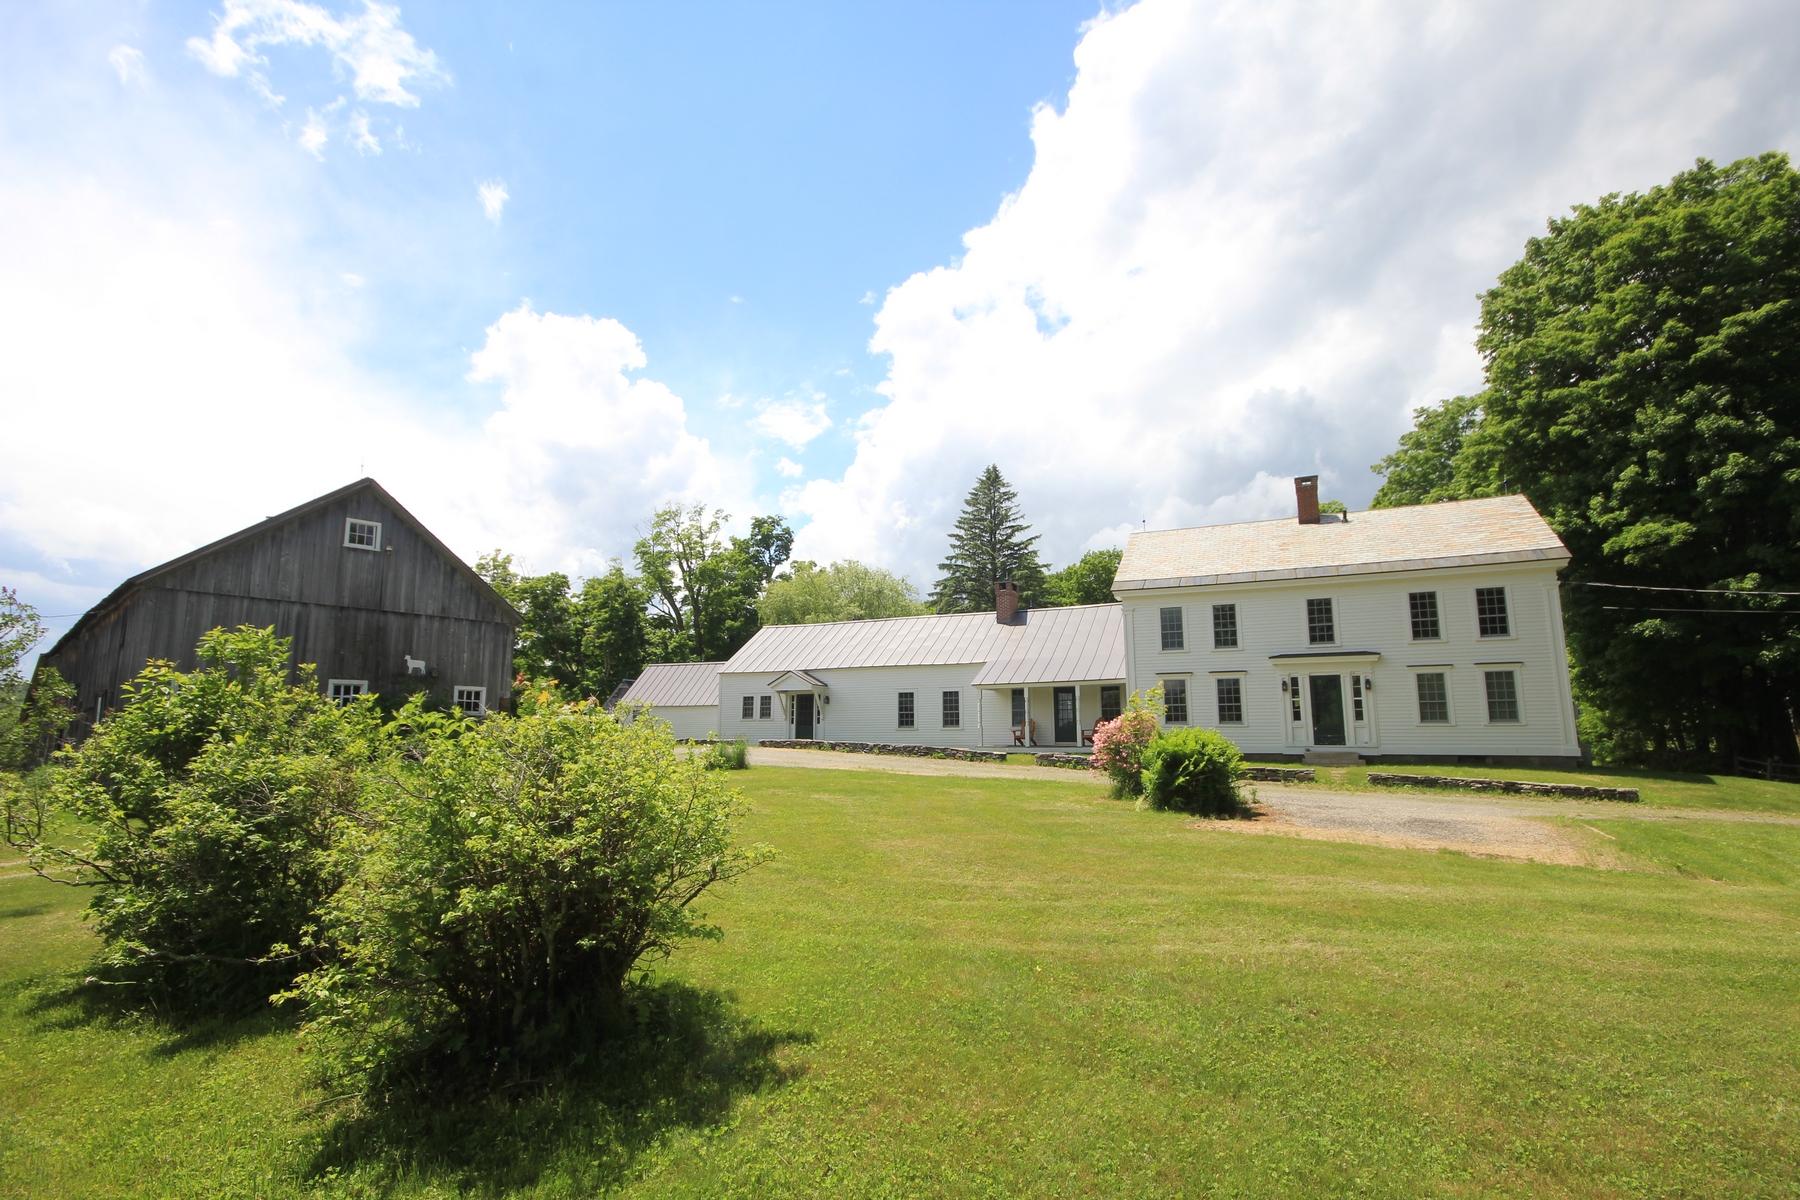 Maison unifamiliale pour l Vente à 123 Haynes Road, Wilmington 123 Haynes Rd Wilmington, Vermont, 05363 États-Unis